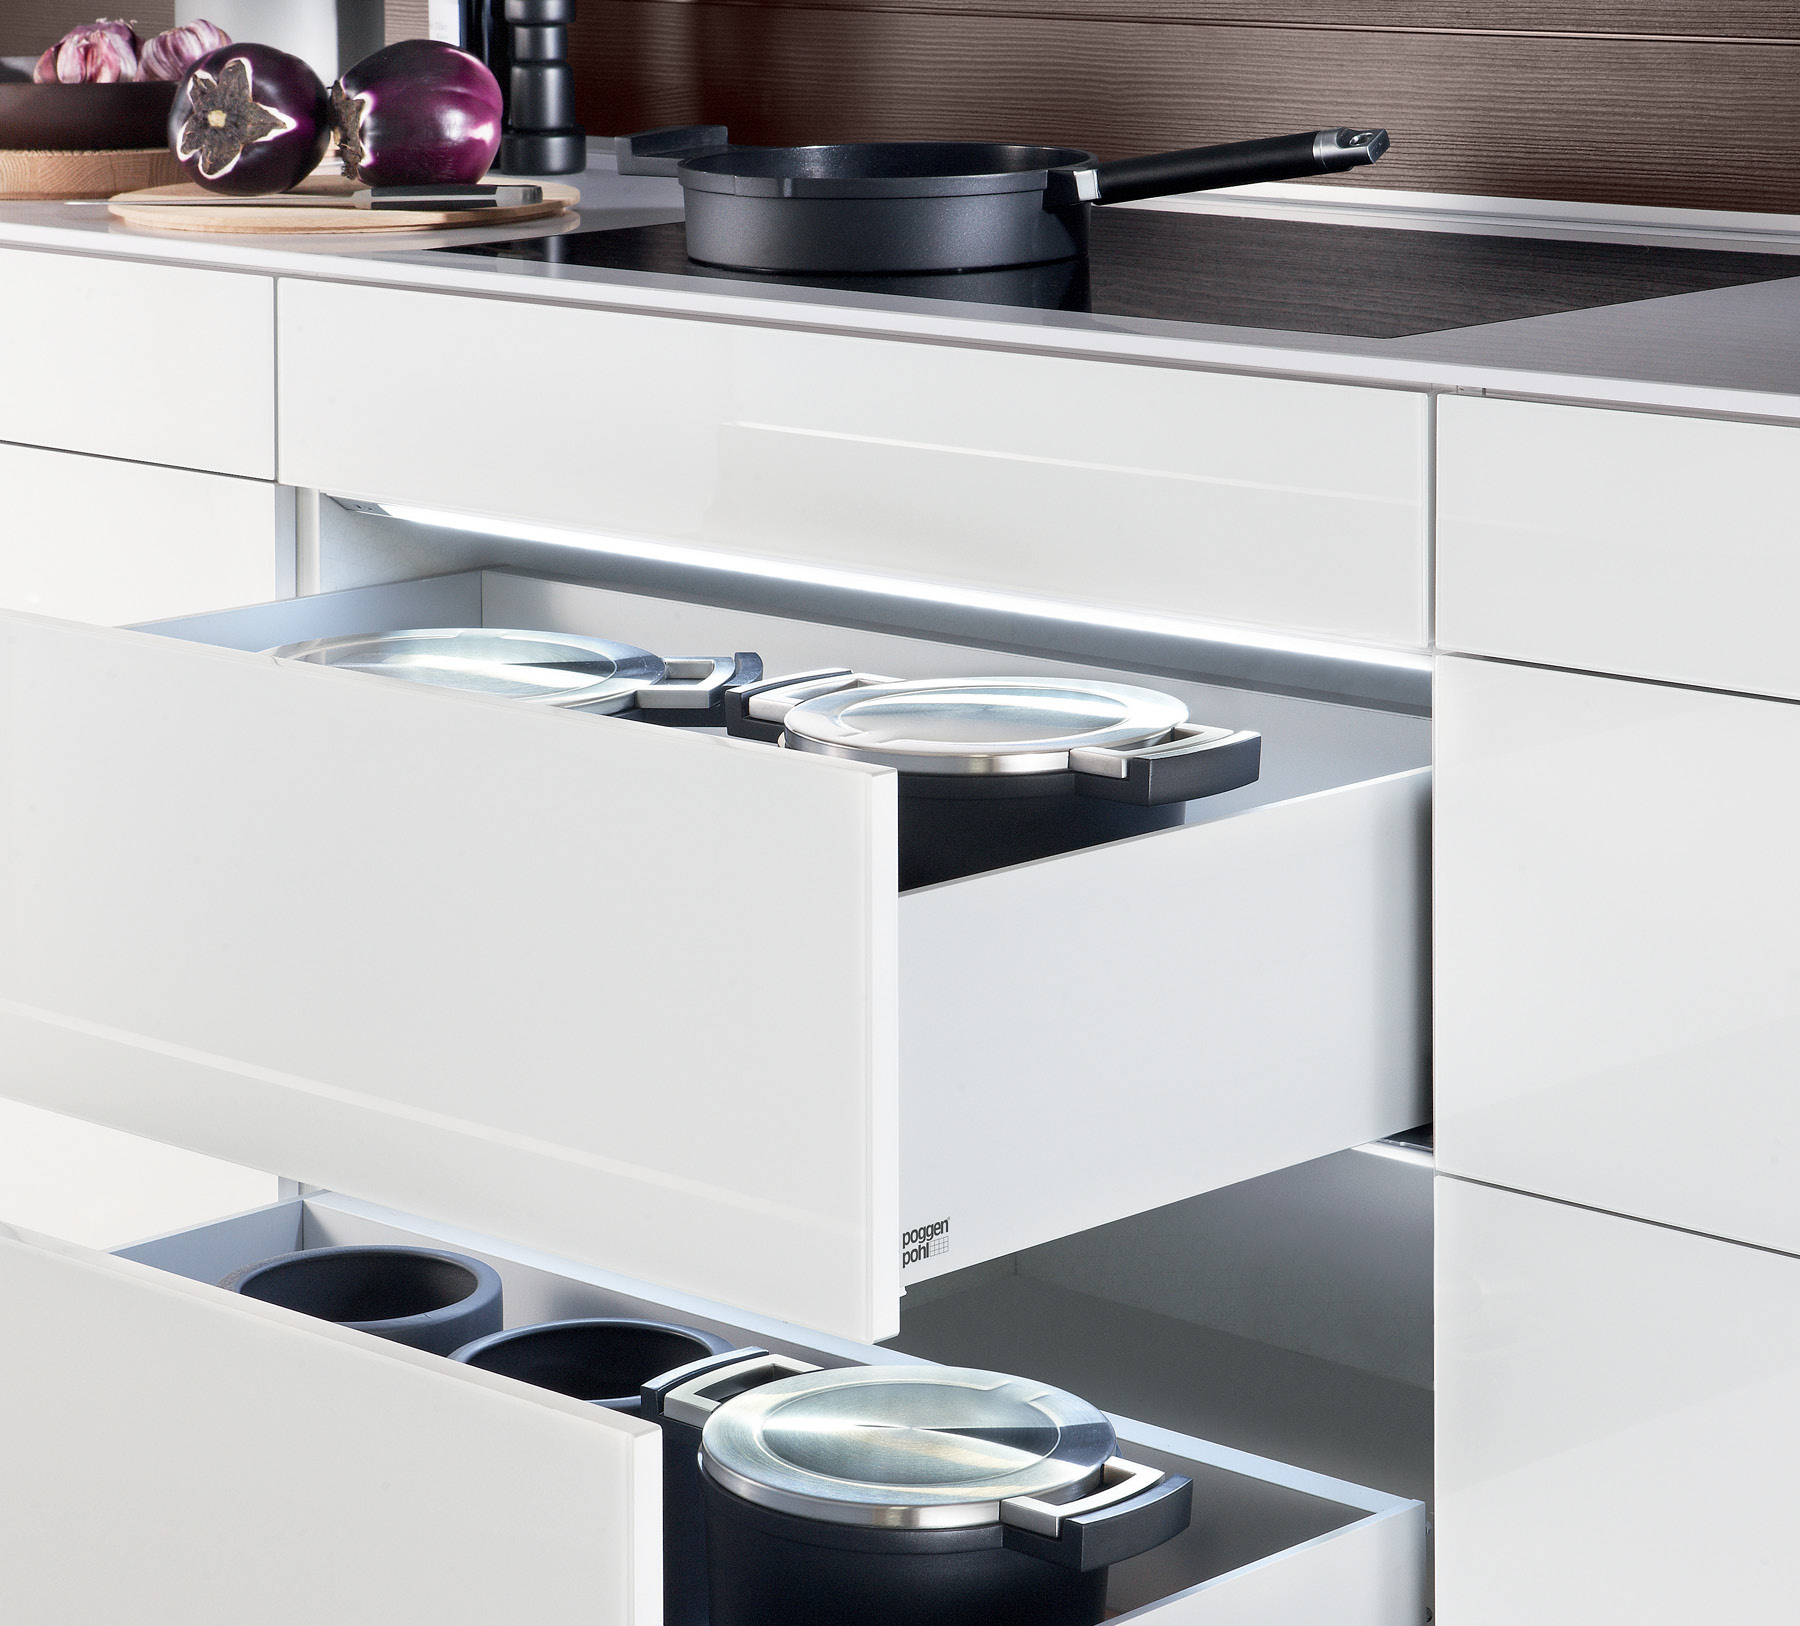 sacramento kitchen designer | Sacramento Kitchen Design Blog